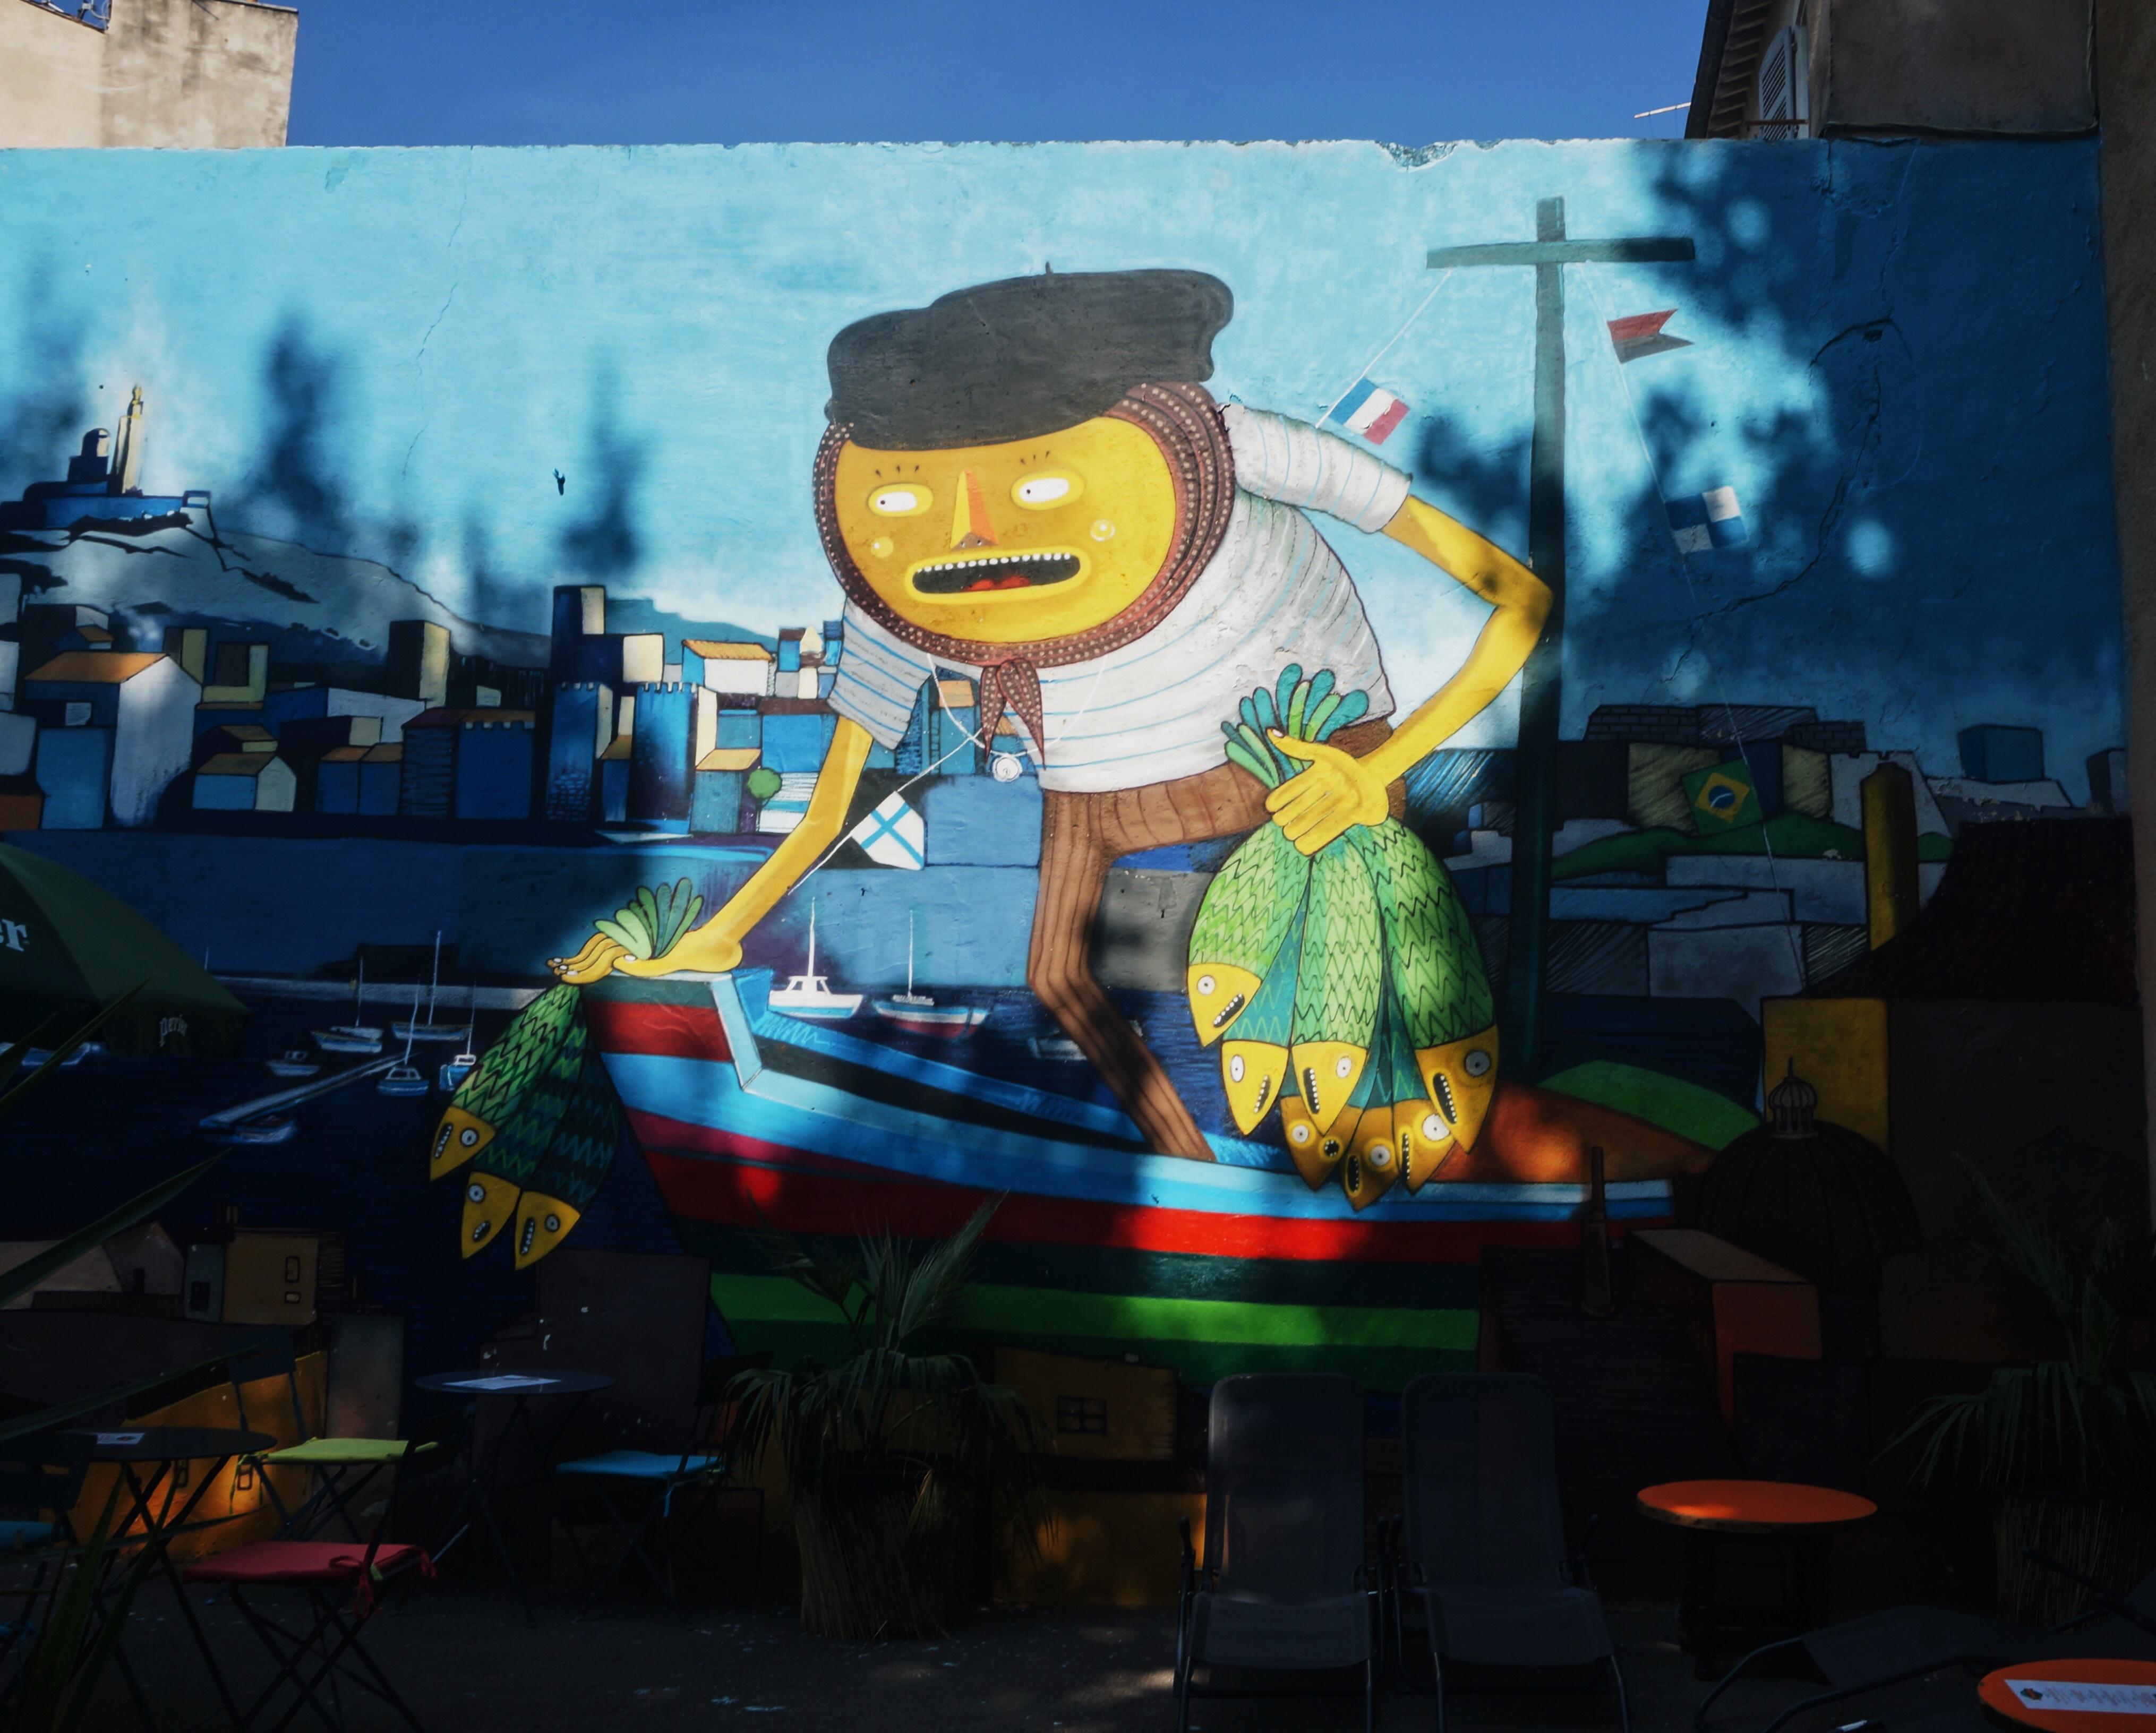 Graffiti; Kunst und Kultur, Reisen, Sehenswürdigkeiten, Frankreich, Kurztrip, Ausflug, Reisen, Häuser in Marseille, Französisch, Urlaub